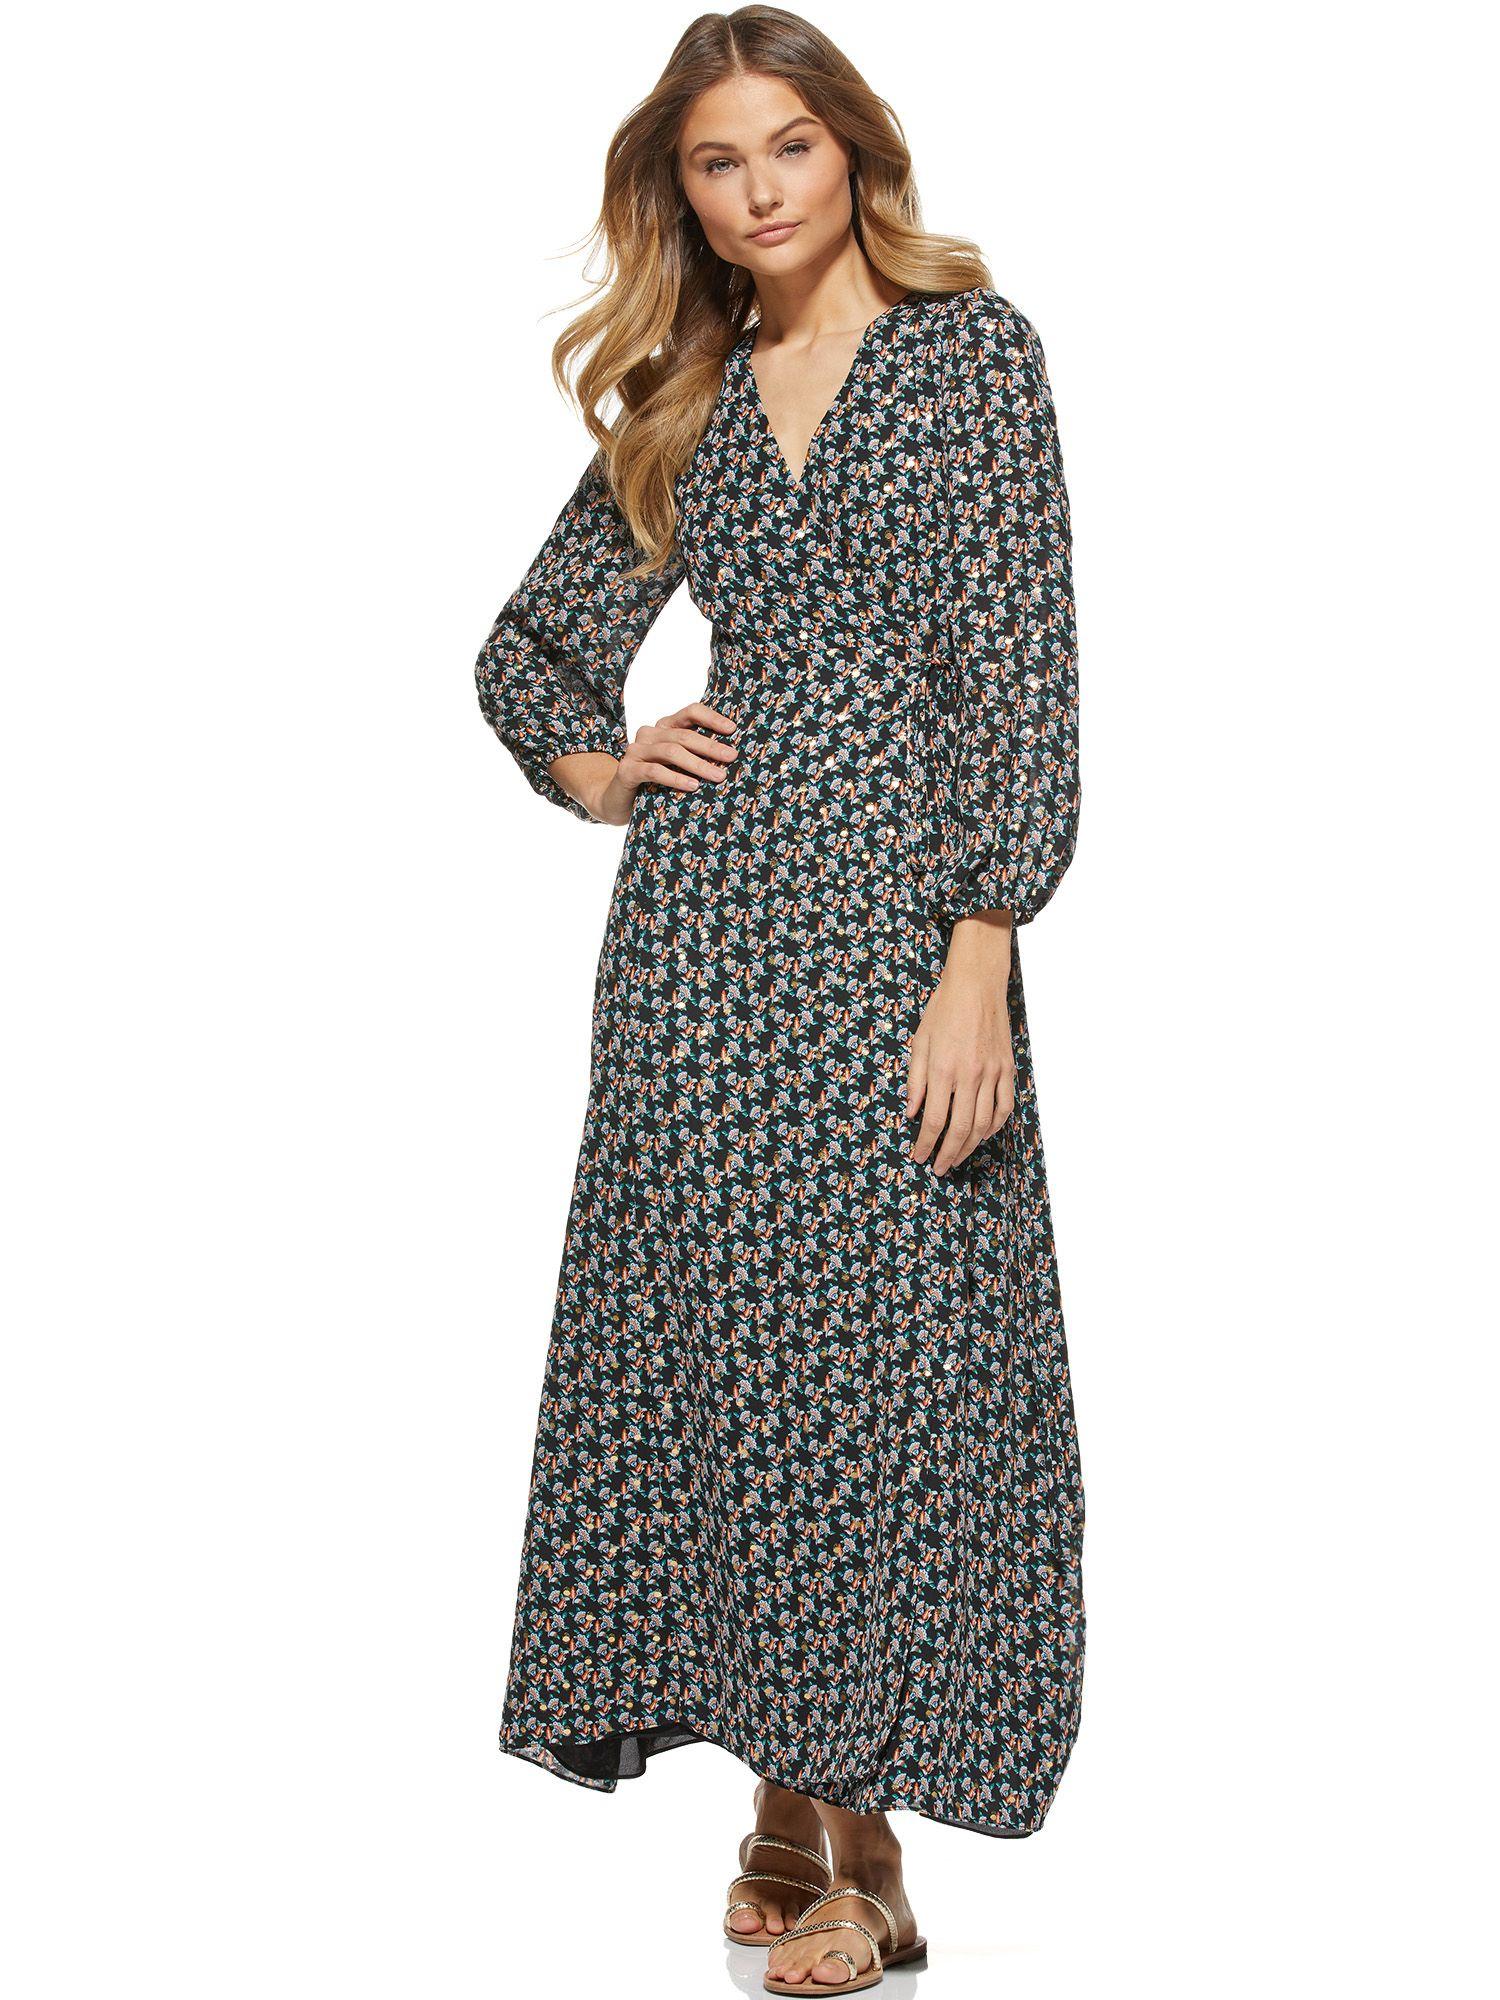 Pin On Fashion Women Dresses [ 2000 x 1500 Pixel ]